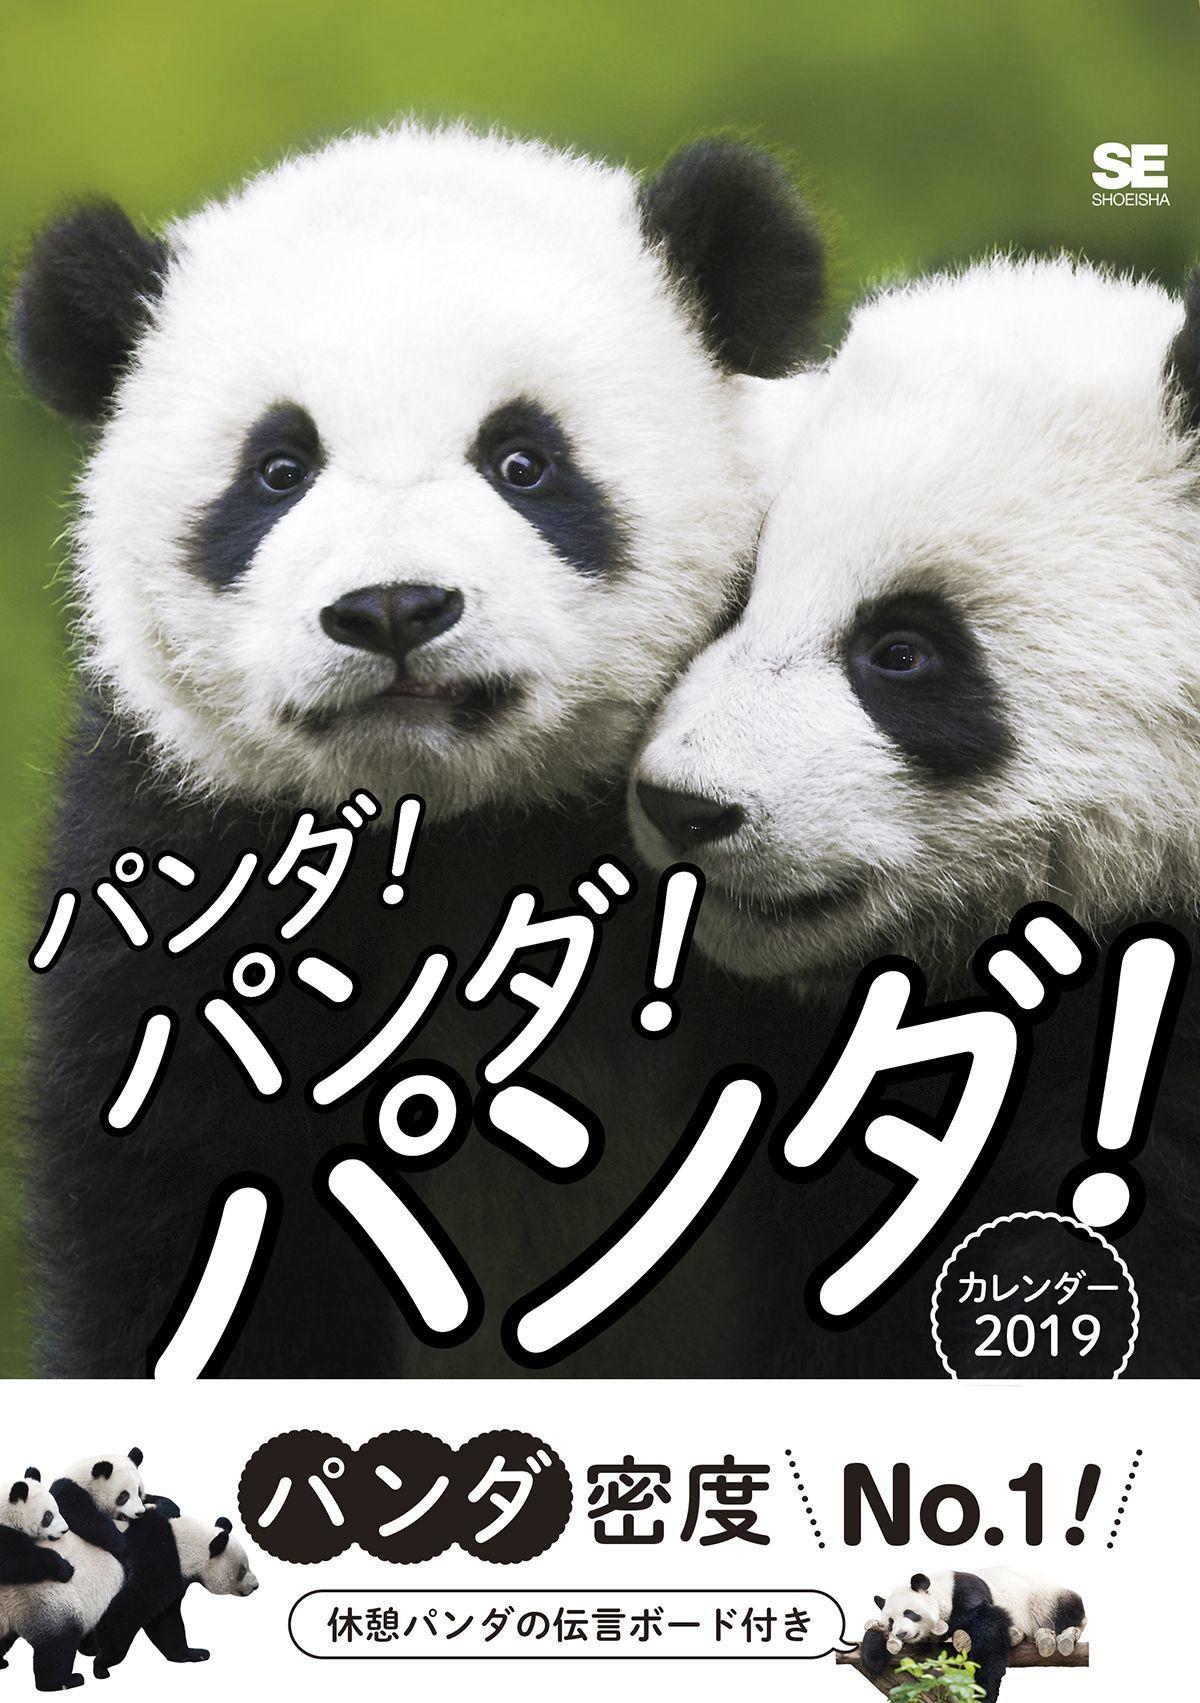 パンダ!パンダ!パンダ! カレンダー 2019(翔泳社)